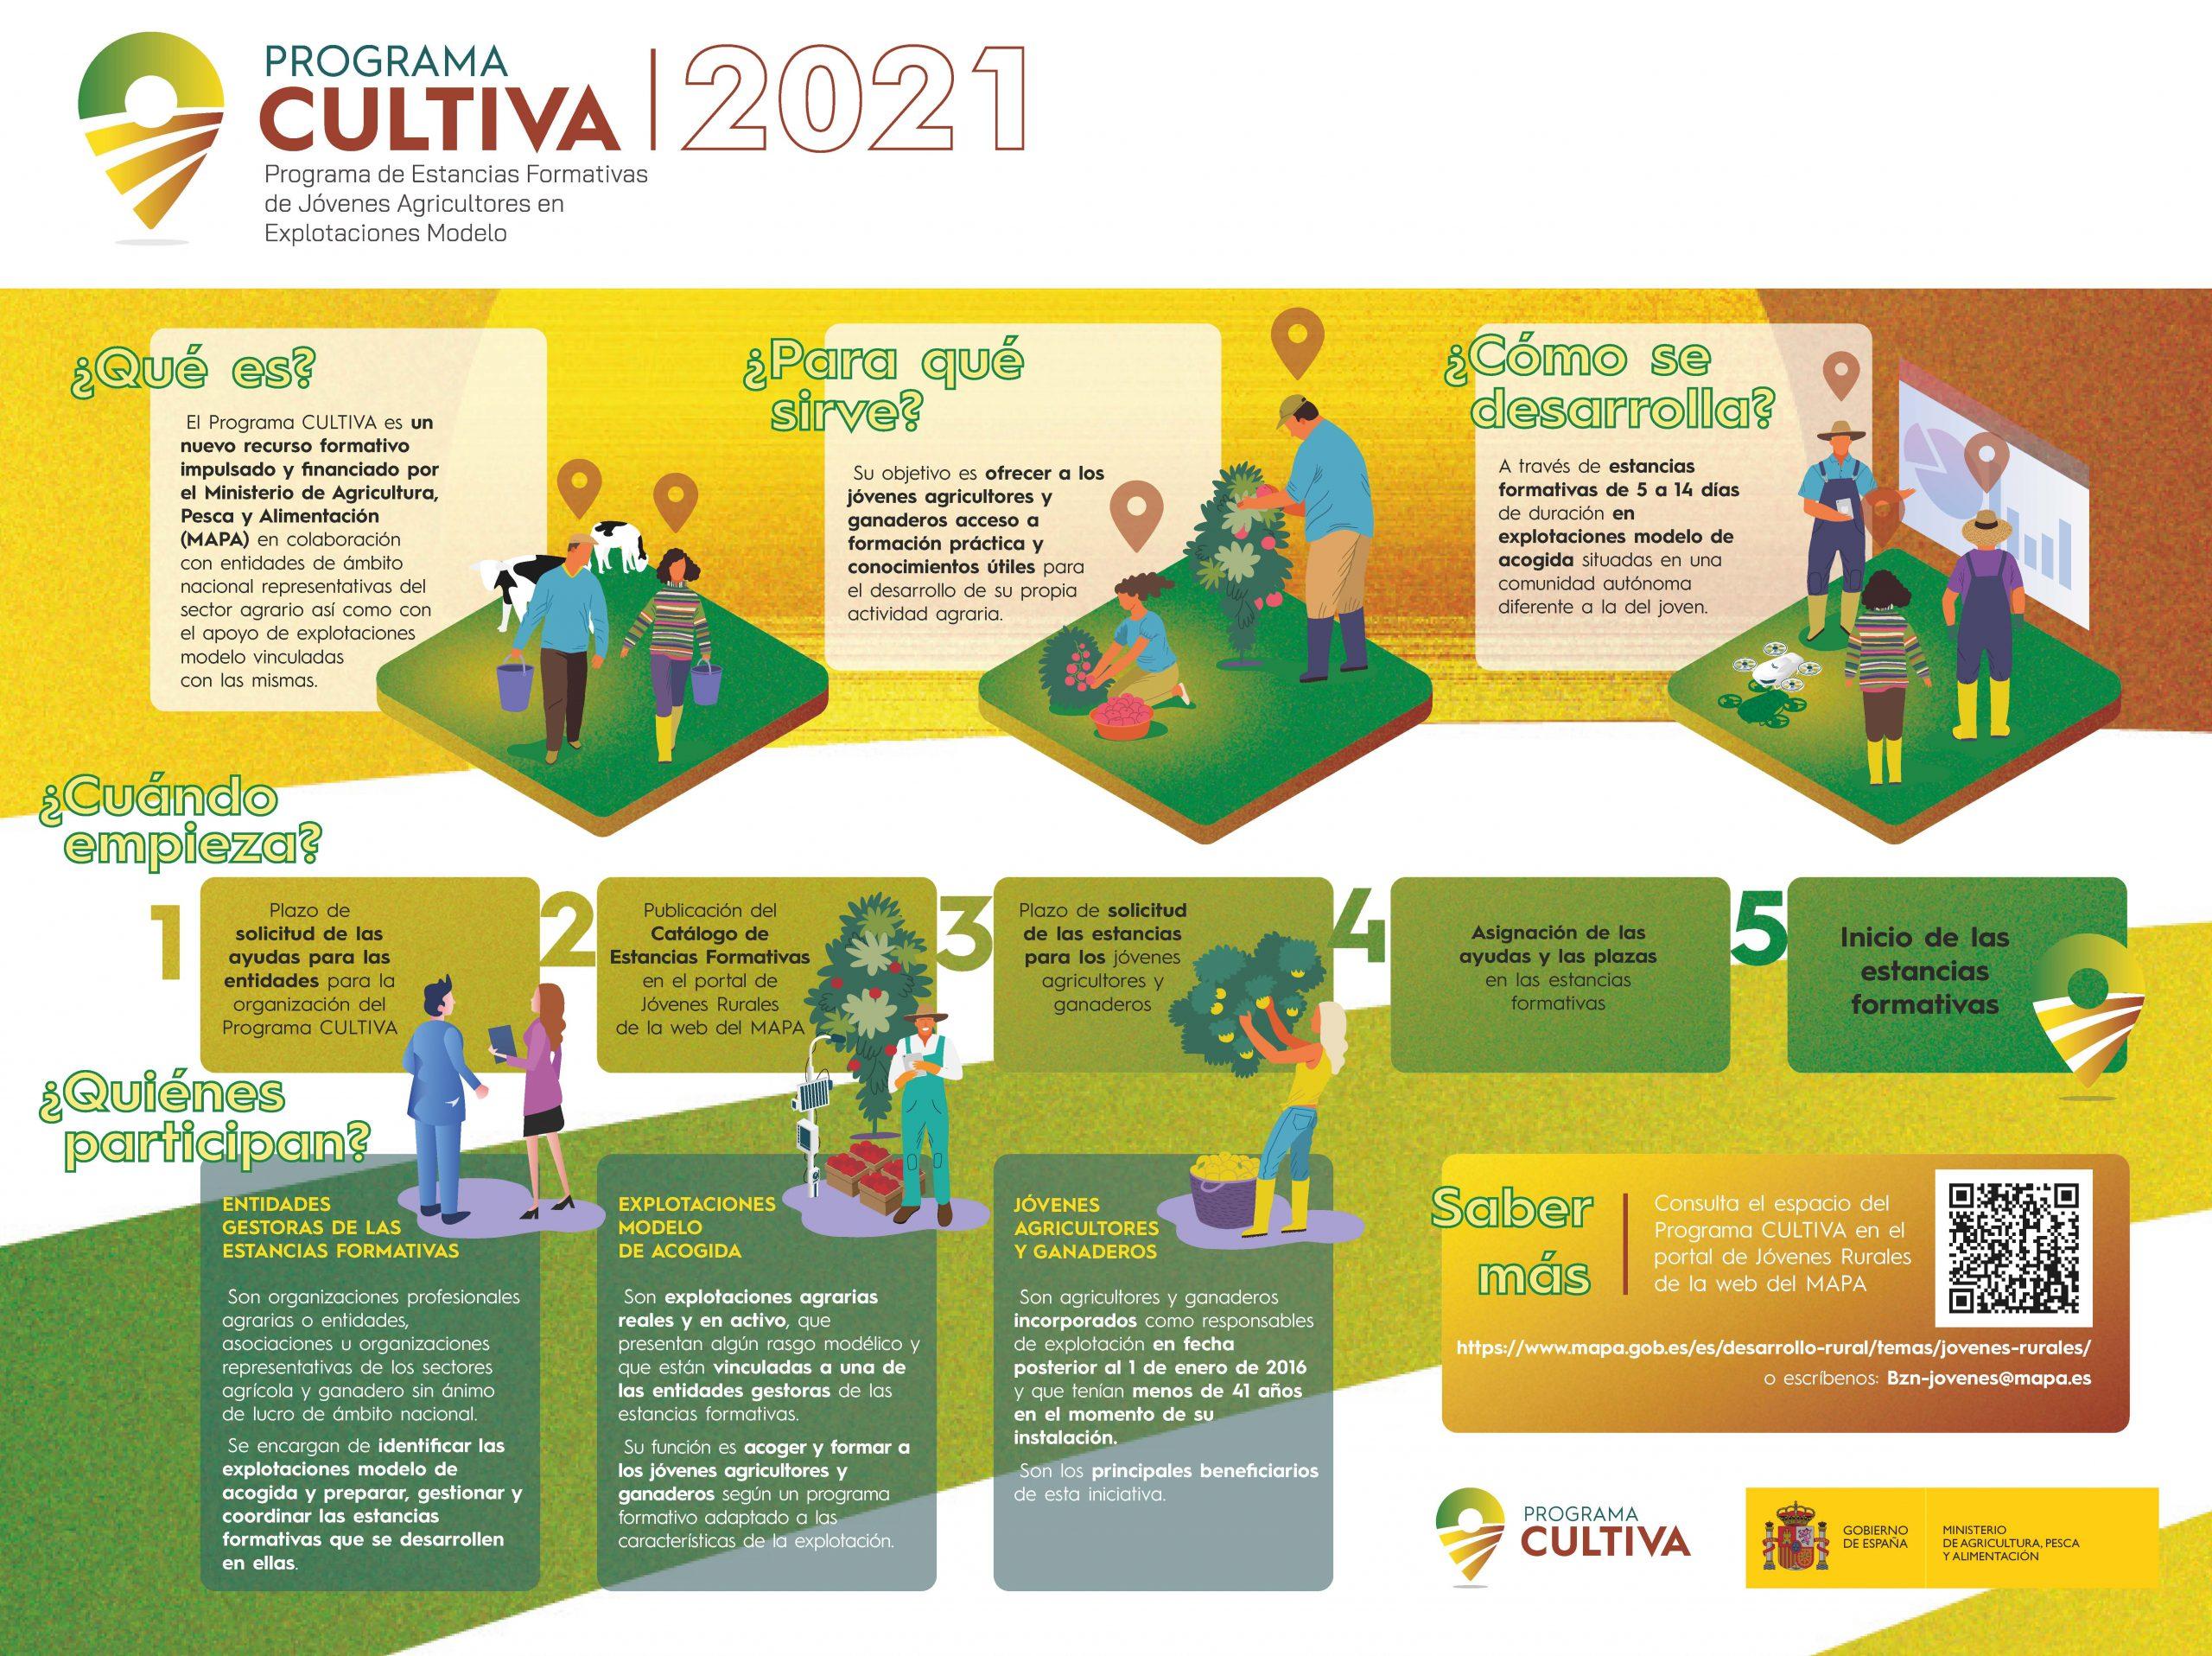 El Programa CULTIVA 2021 ofrece estancias formativas gratis a jóvenes del sector. Plazo solicitud hasta el 27 de octubre